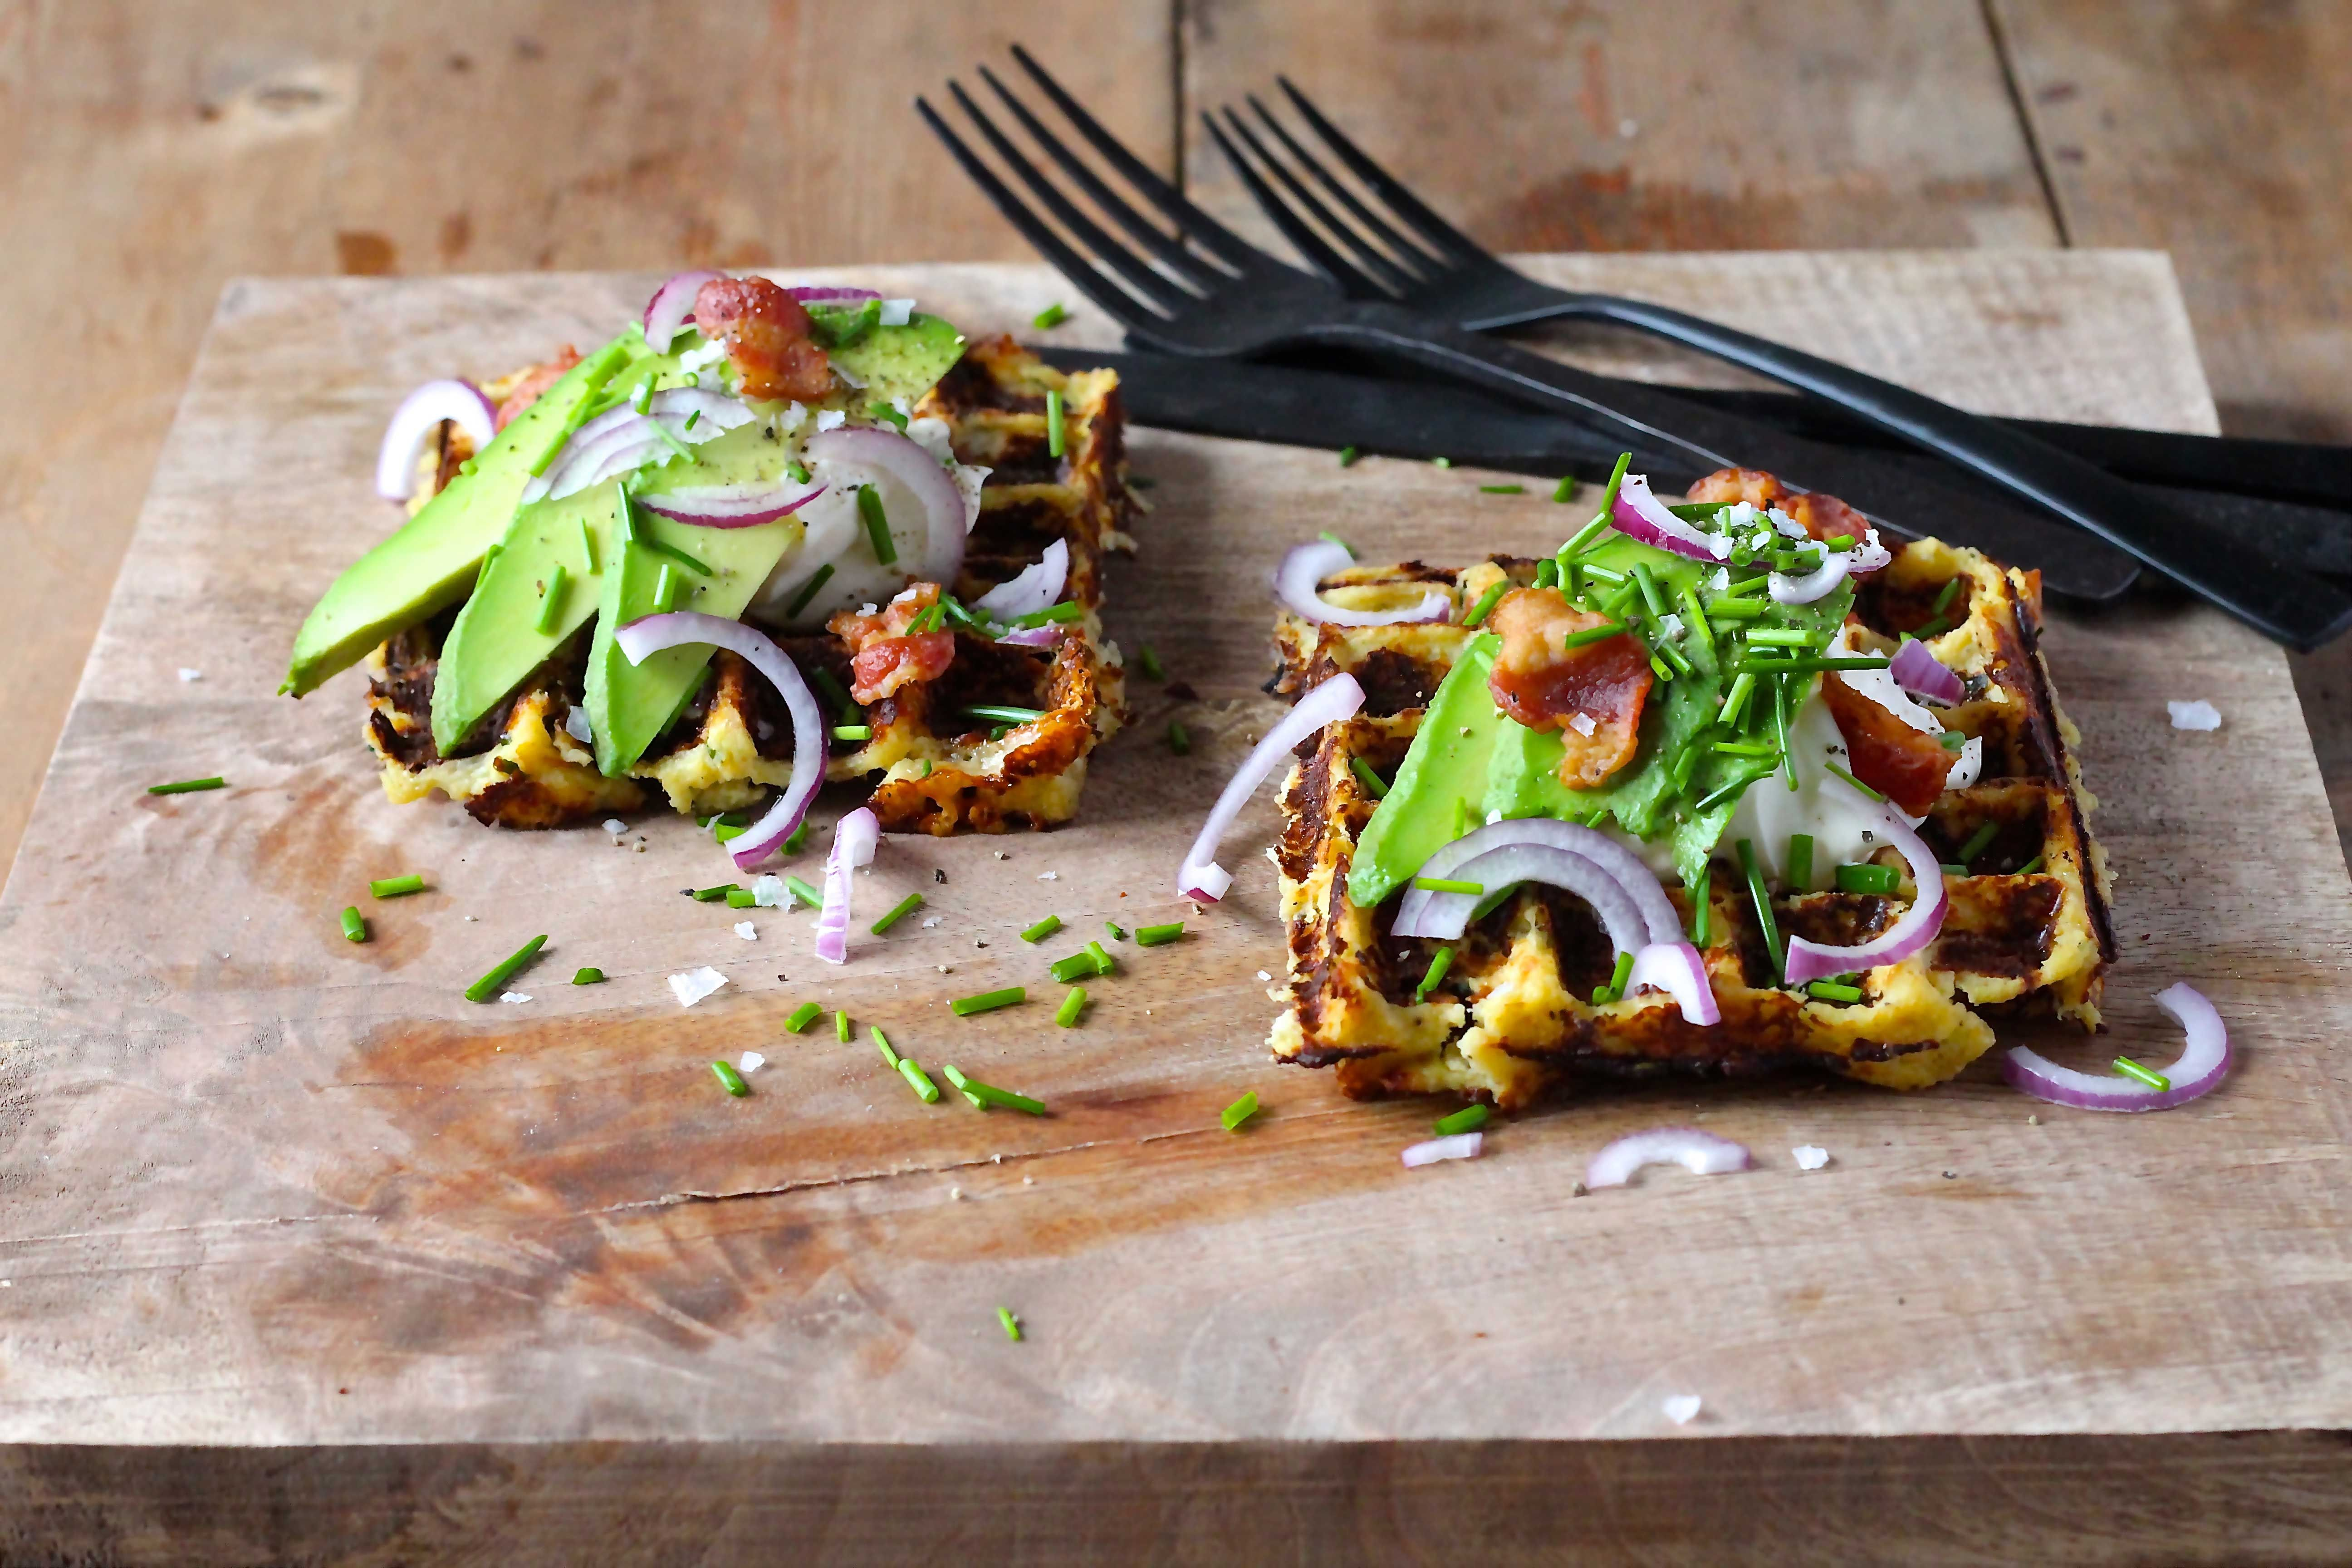 Blomkålsmos vafler - ja, vafler lavet med blomkålsmos er en fin måde at snige ekstra grønt ind. Og i selskab med ost og bacon smager man ikke blomkålen!